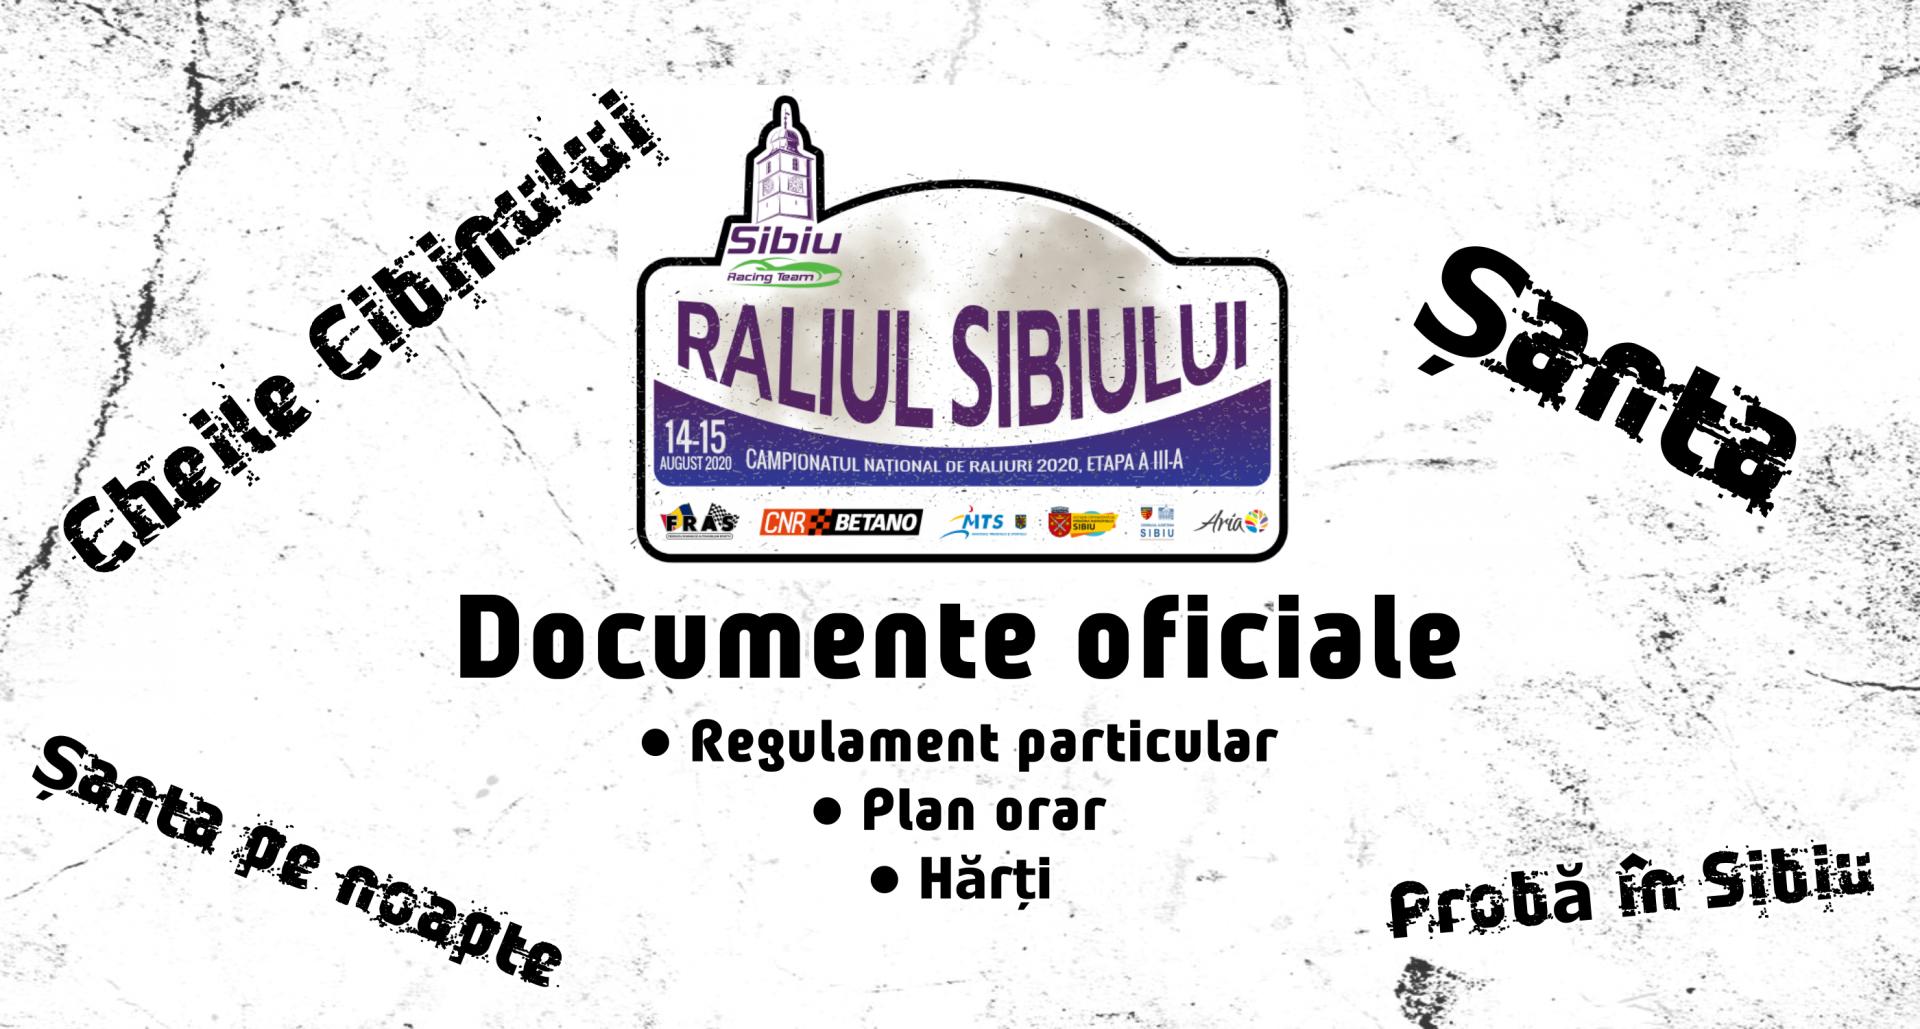 Raliul Sibiului 2020 – Documente oficiale